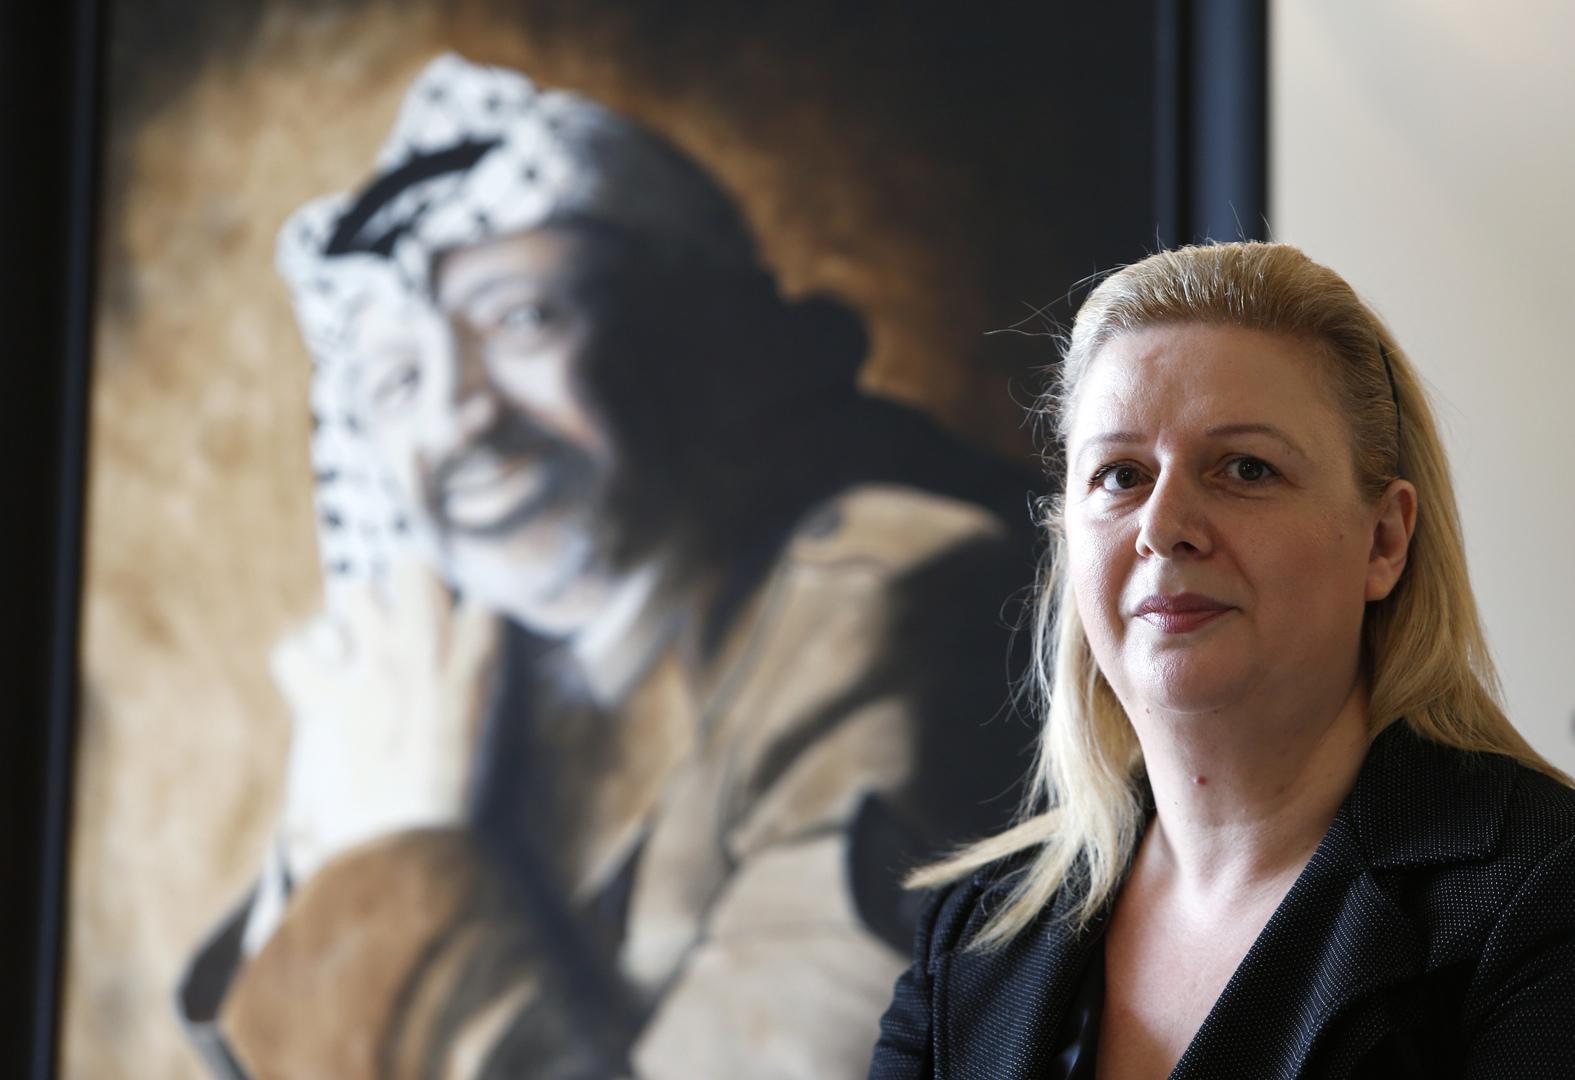 سهى عرفات توضح تصريحاتها حول تبرئتها لإسرائيل من دم